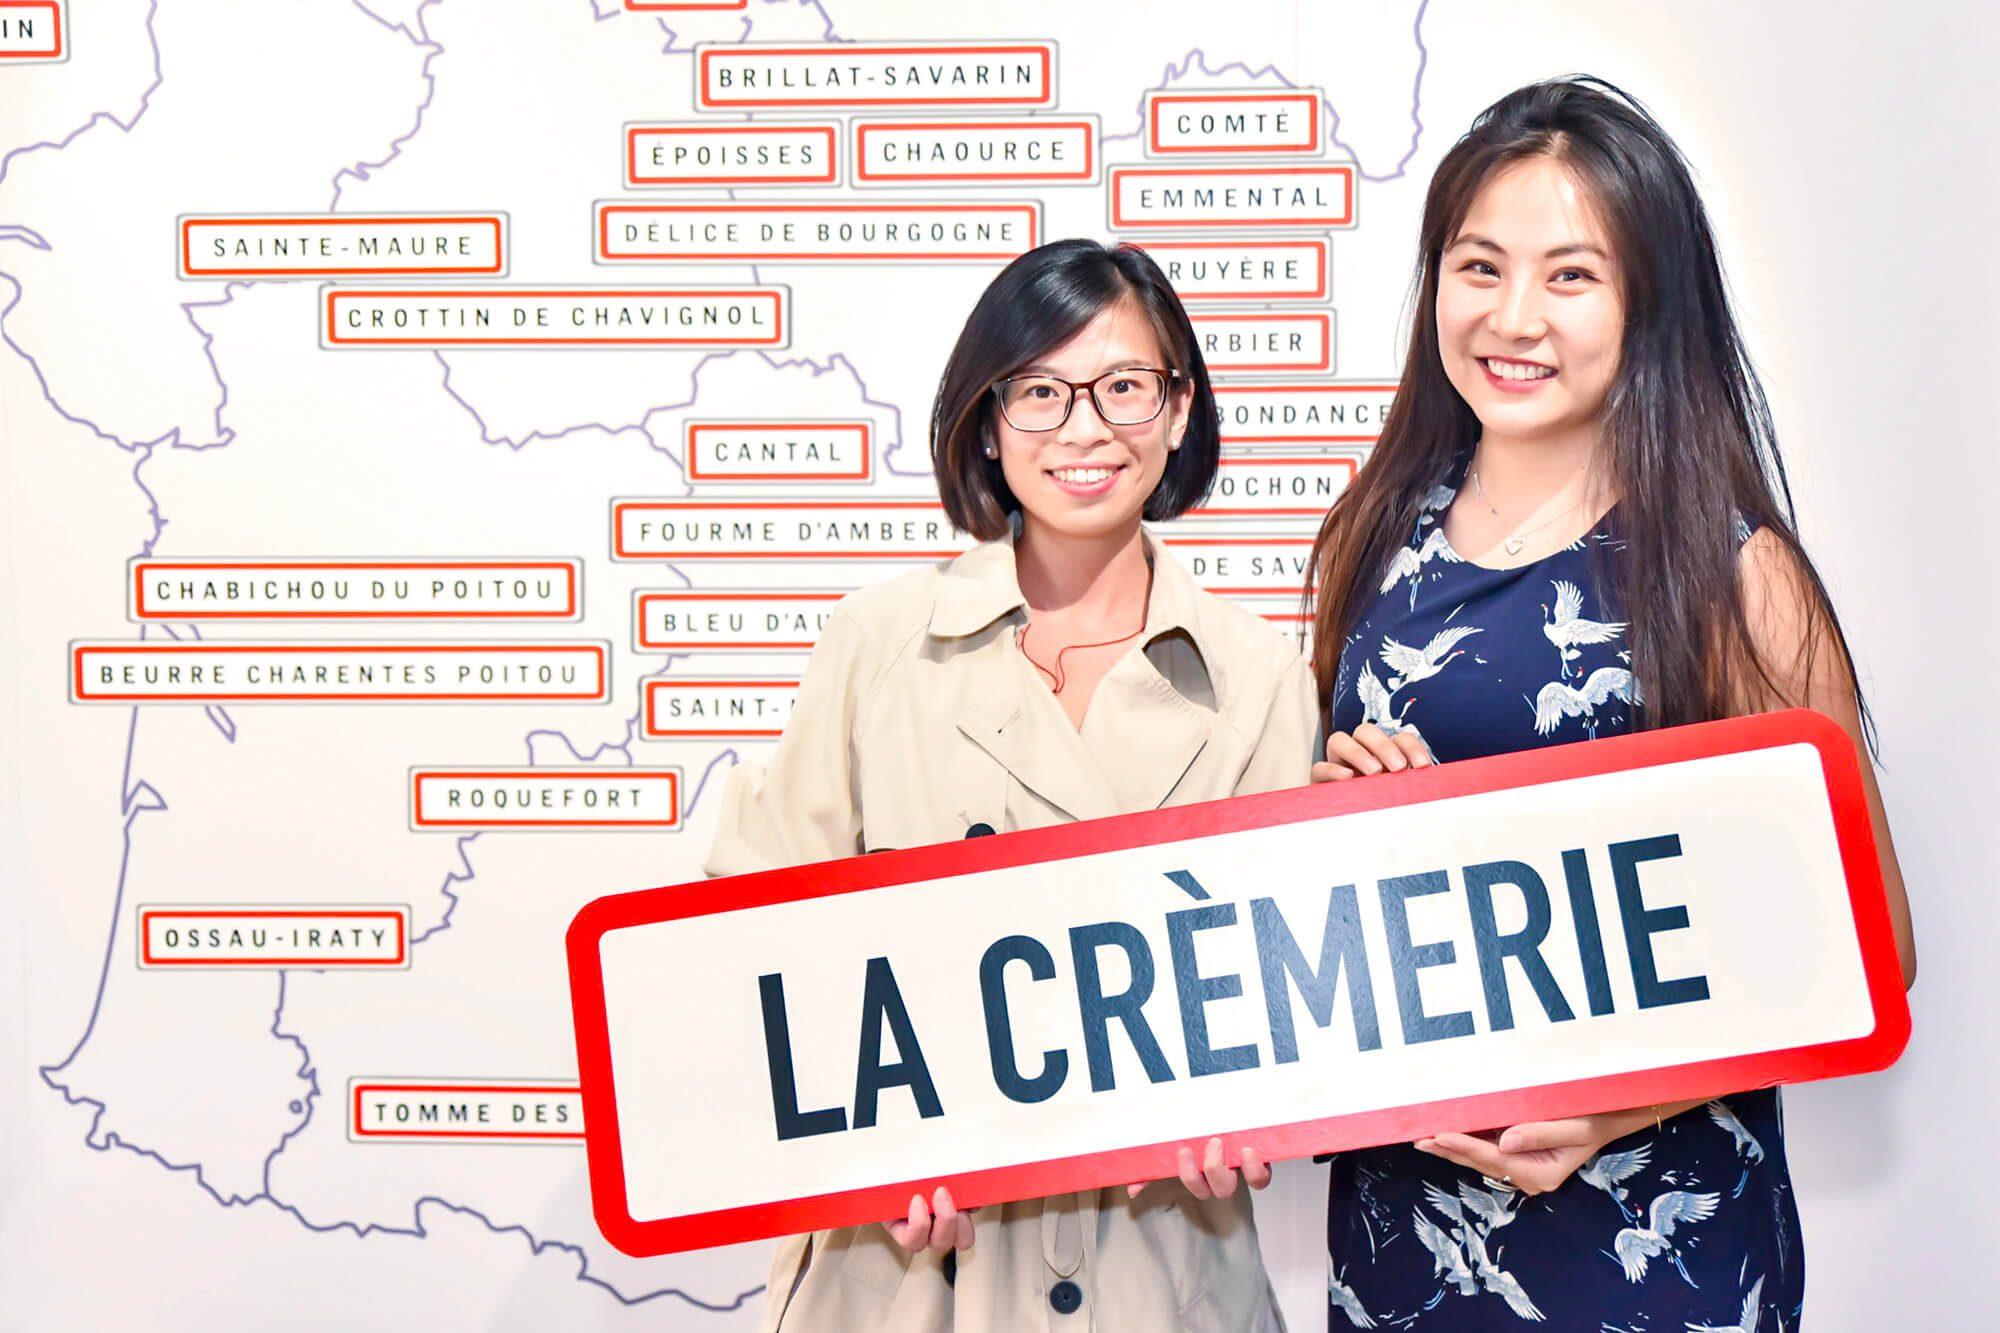 La carte de France des fromages dans le concept store la Cremerie